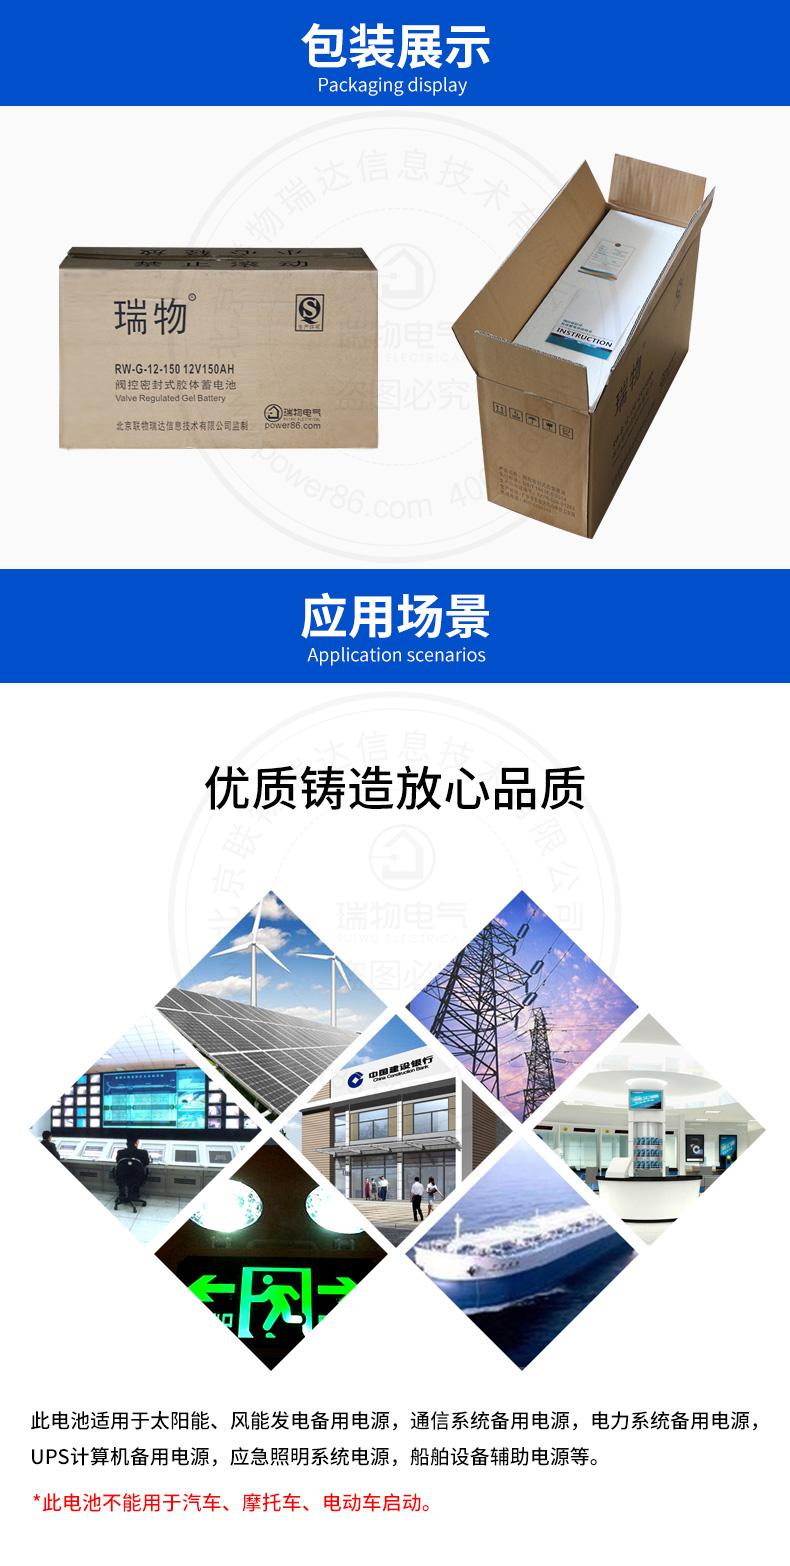 产品介绍http://www.power86.com/rs1/battery/2564/2565/5394/5394_c5.jpg